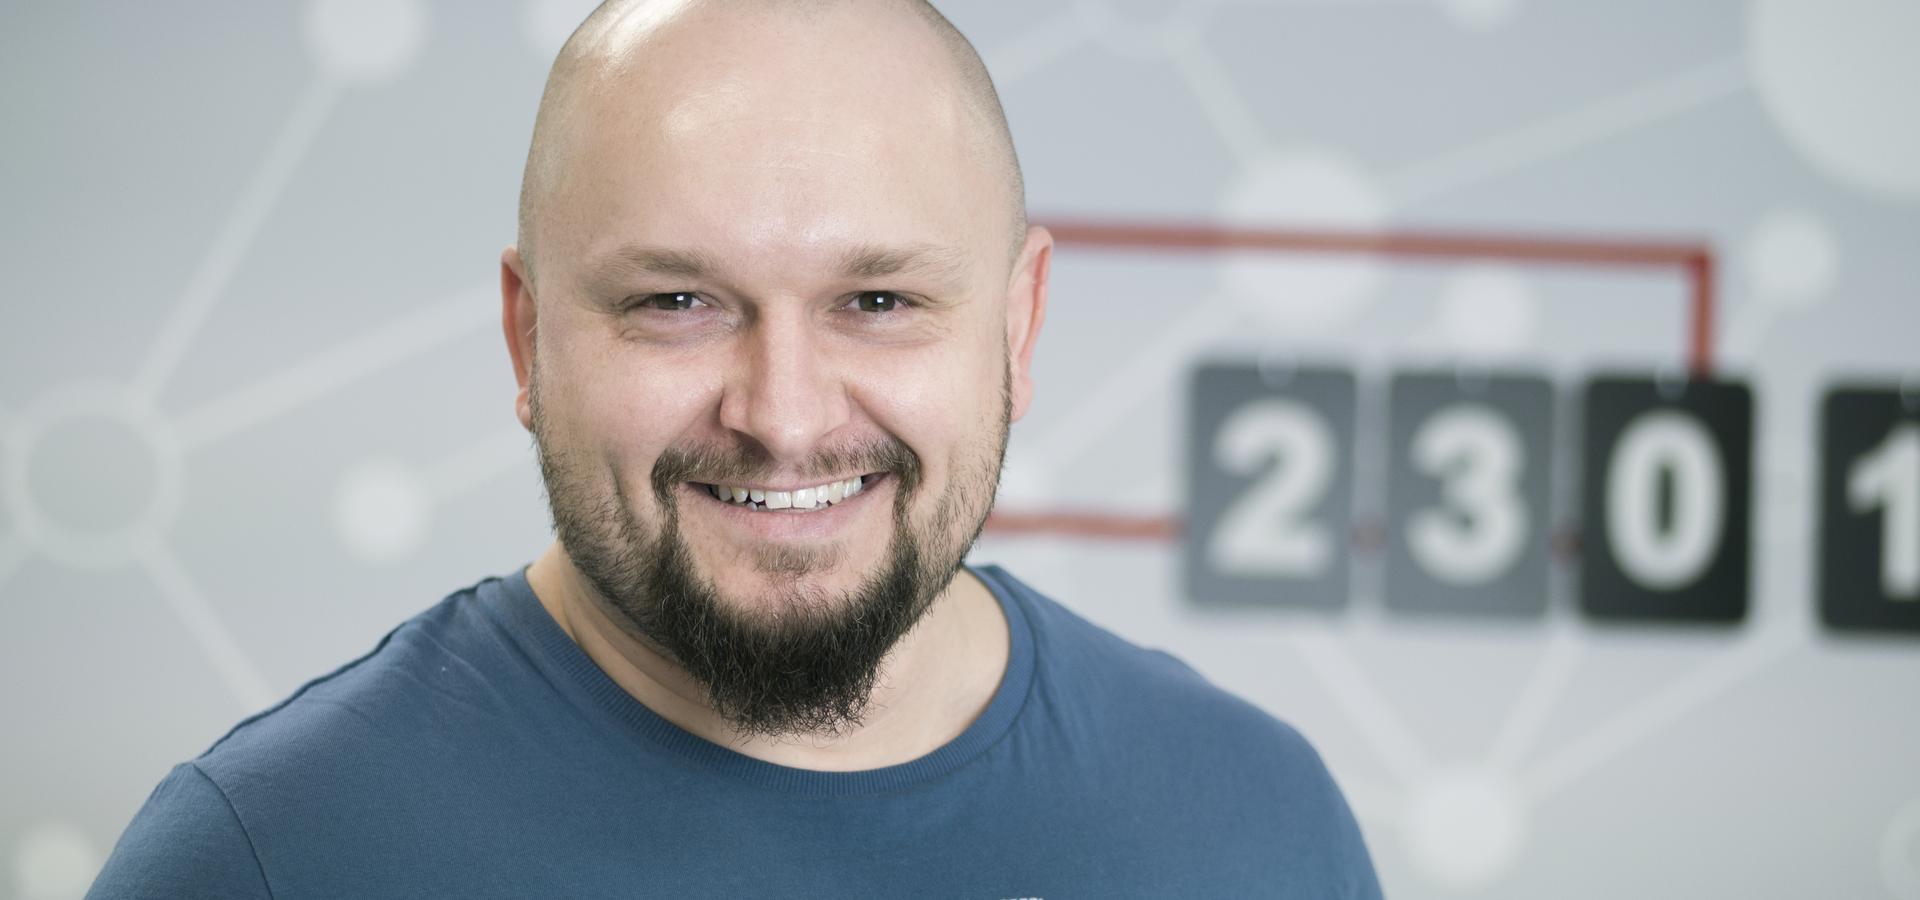 Paweł Stano nowym prezesem LifeTube.  Barbara Sołtysińska przechodzi do Rady Nadzorczej